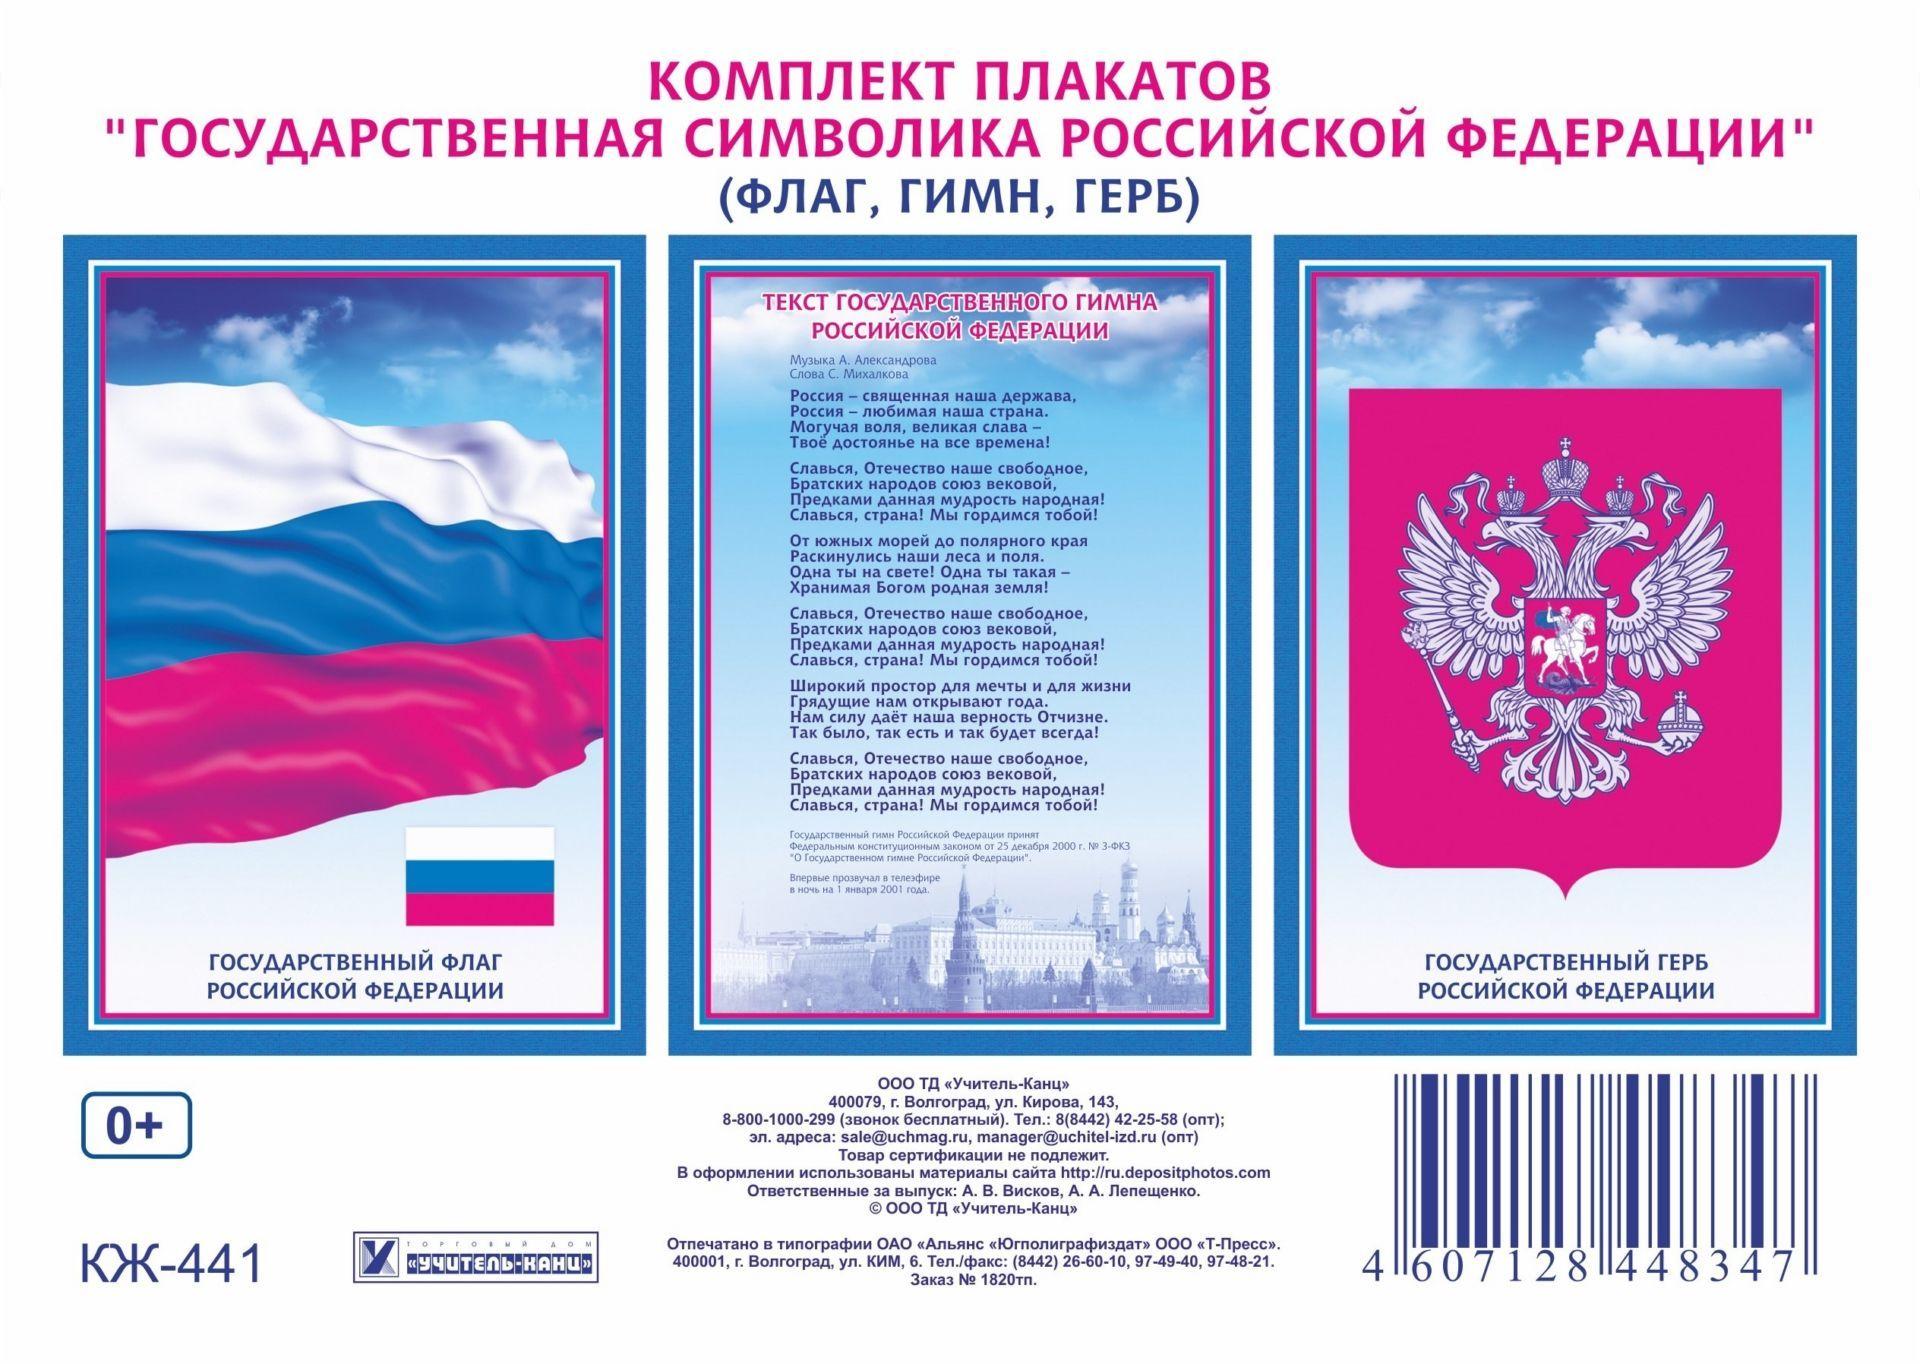 Комплект плакатов Государственная символика РФ (гимн, герб, флаг)Плакаты, постеры, карты<br>.<br><br>Год: 2017<br>Высота: 297<br>Ширина: 420